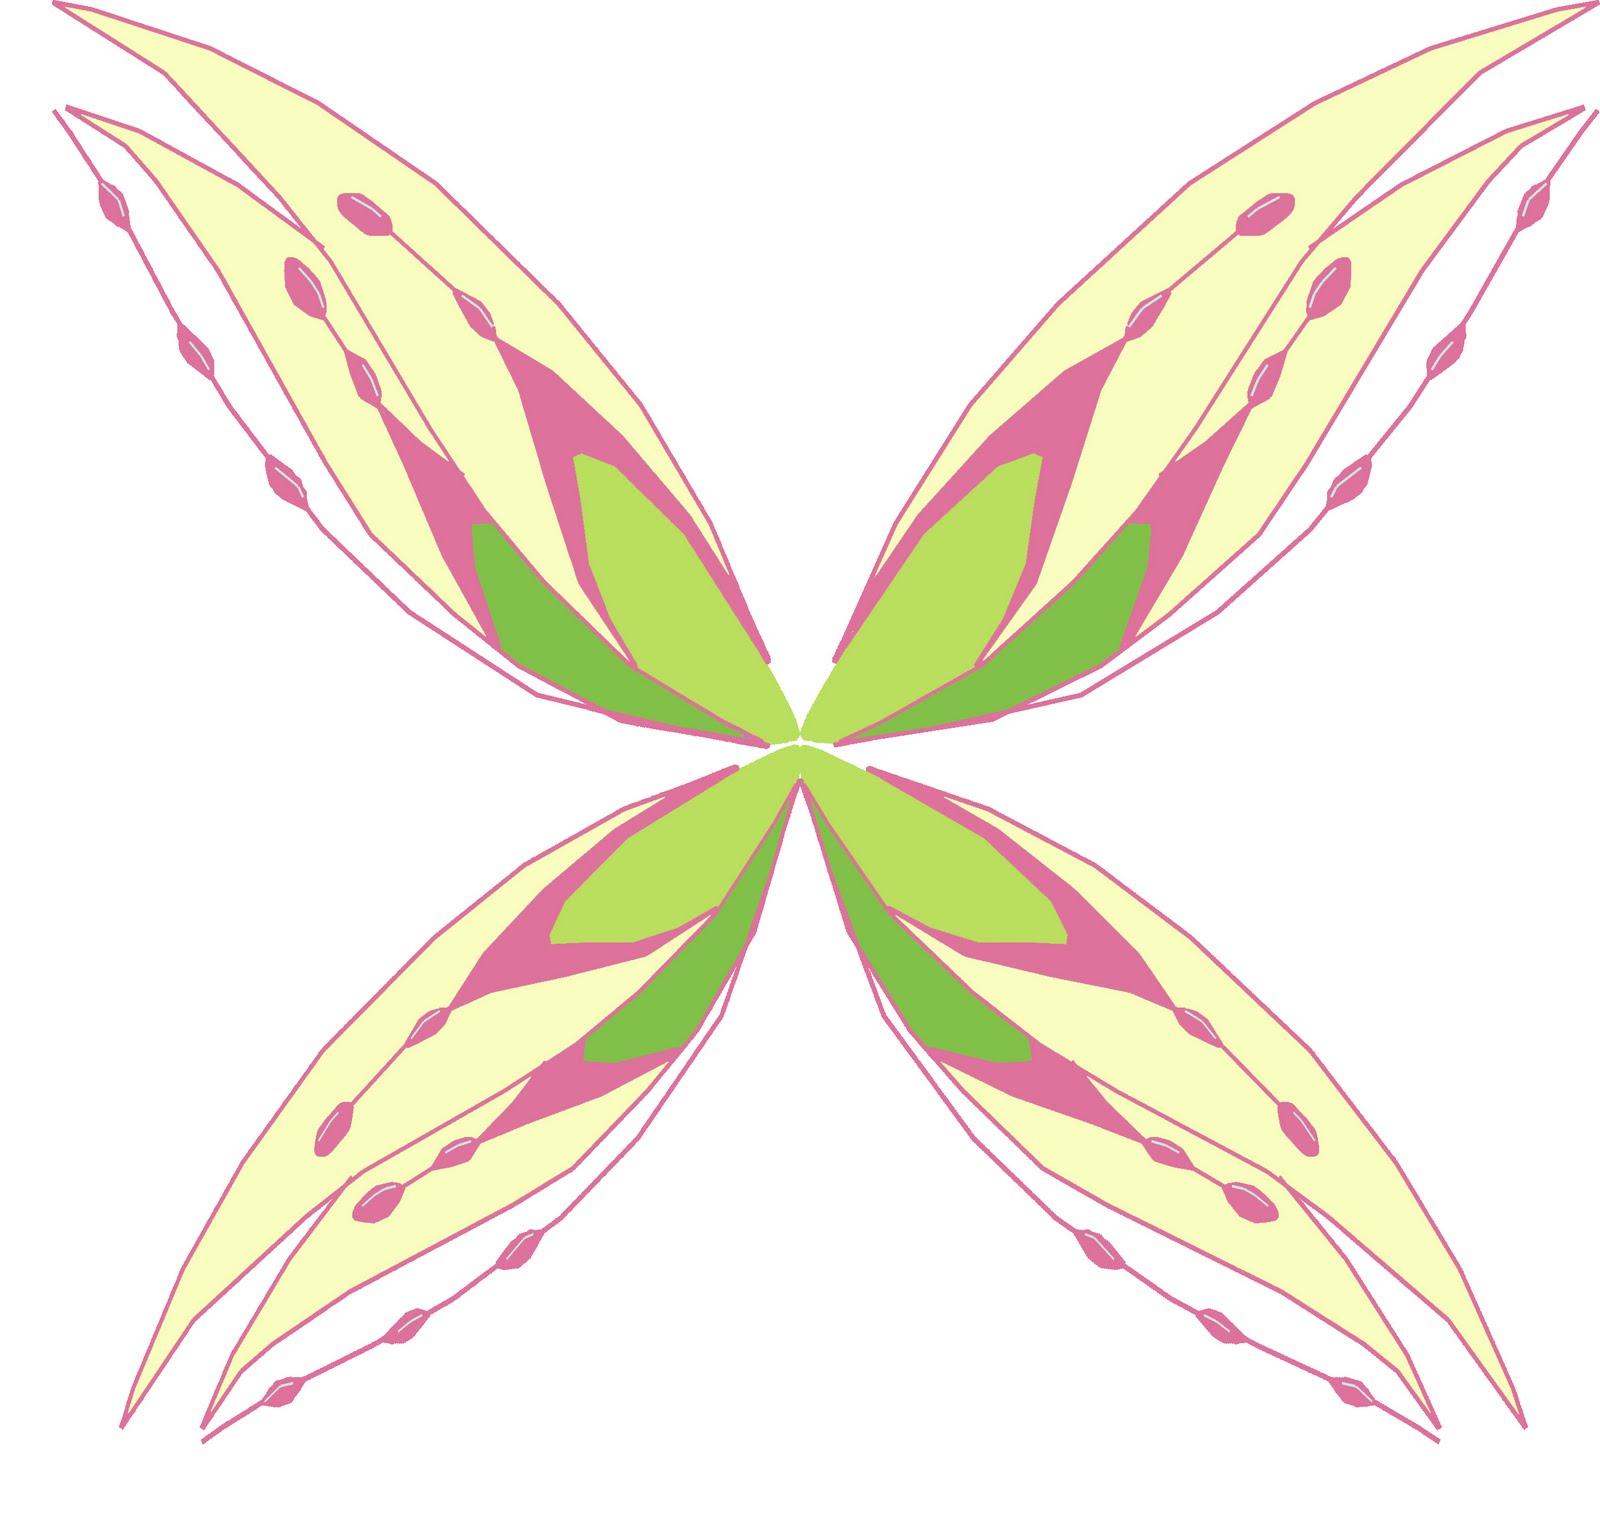 http://2.bp.blogspot.com/_J1eKITQ_ojE/S6ywCQ9qQcI/AAAAAAAABGE/POFgiDBDxzk/s1600/zoomix_flora.jpg